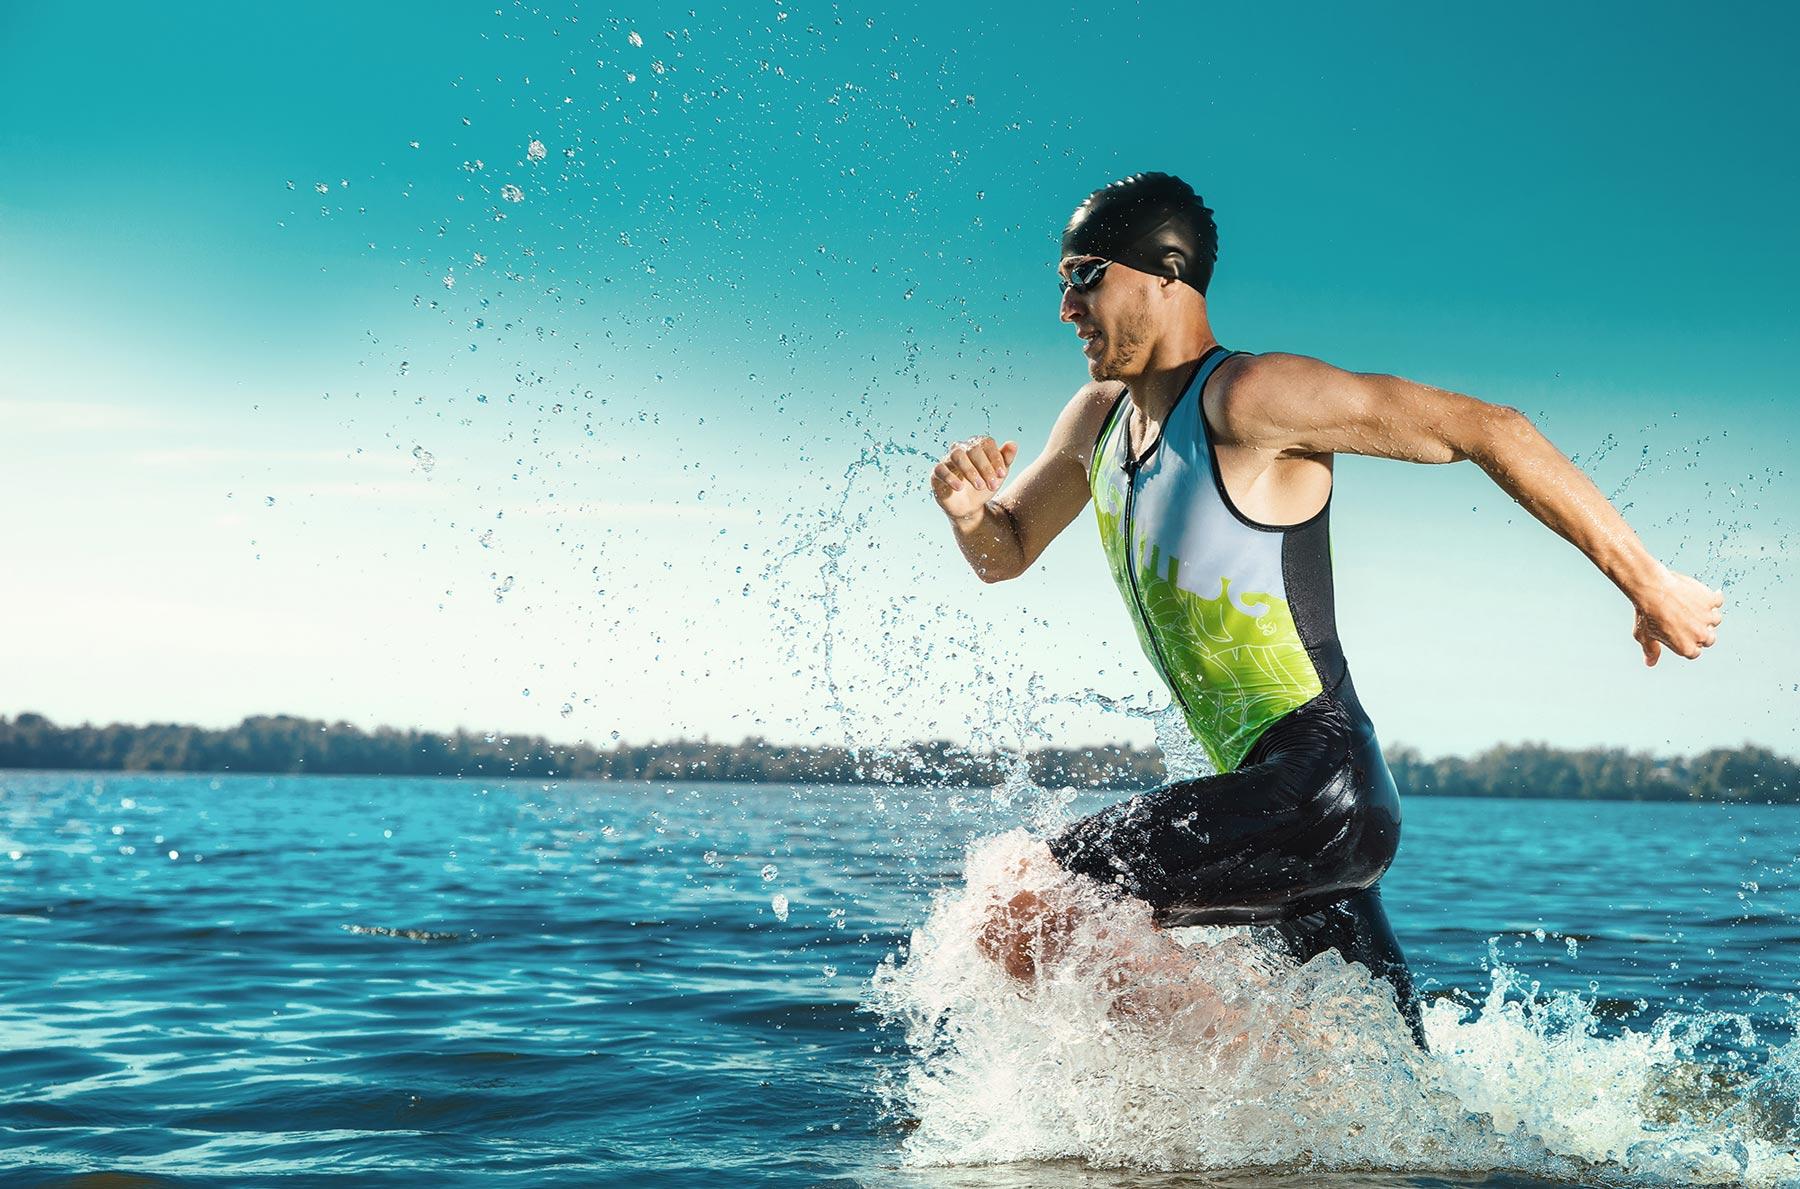 man swimmer running through the water in a triathlon